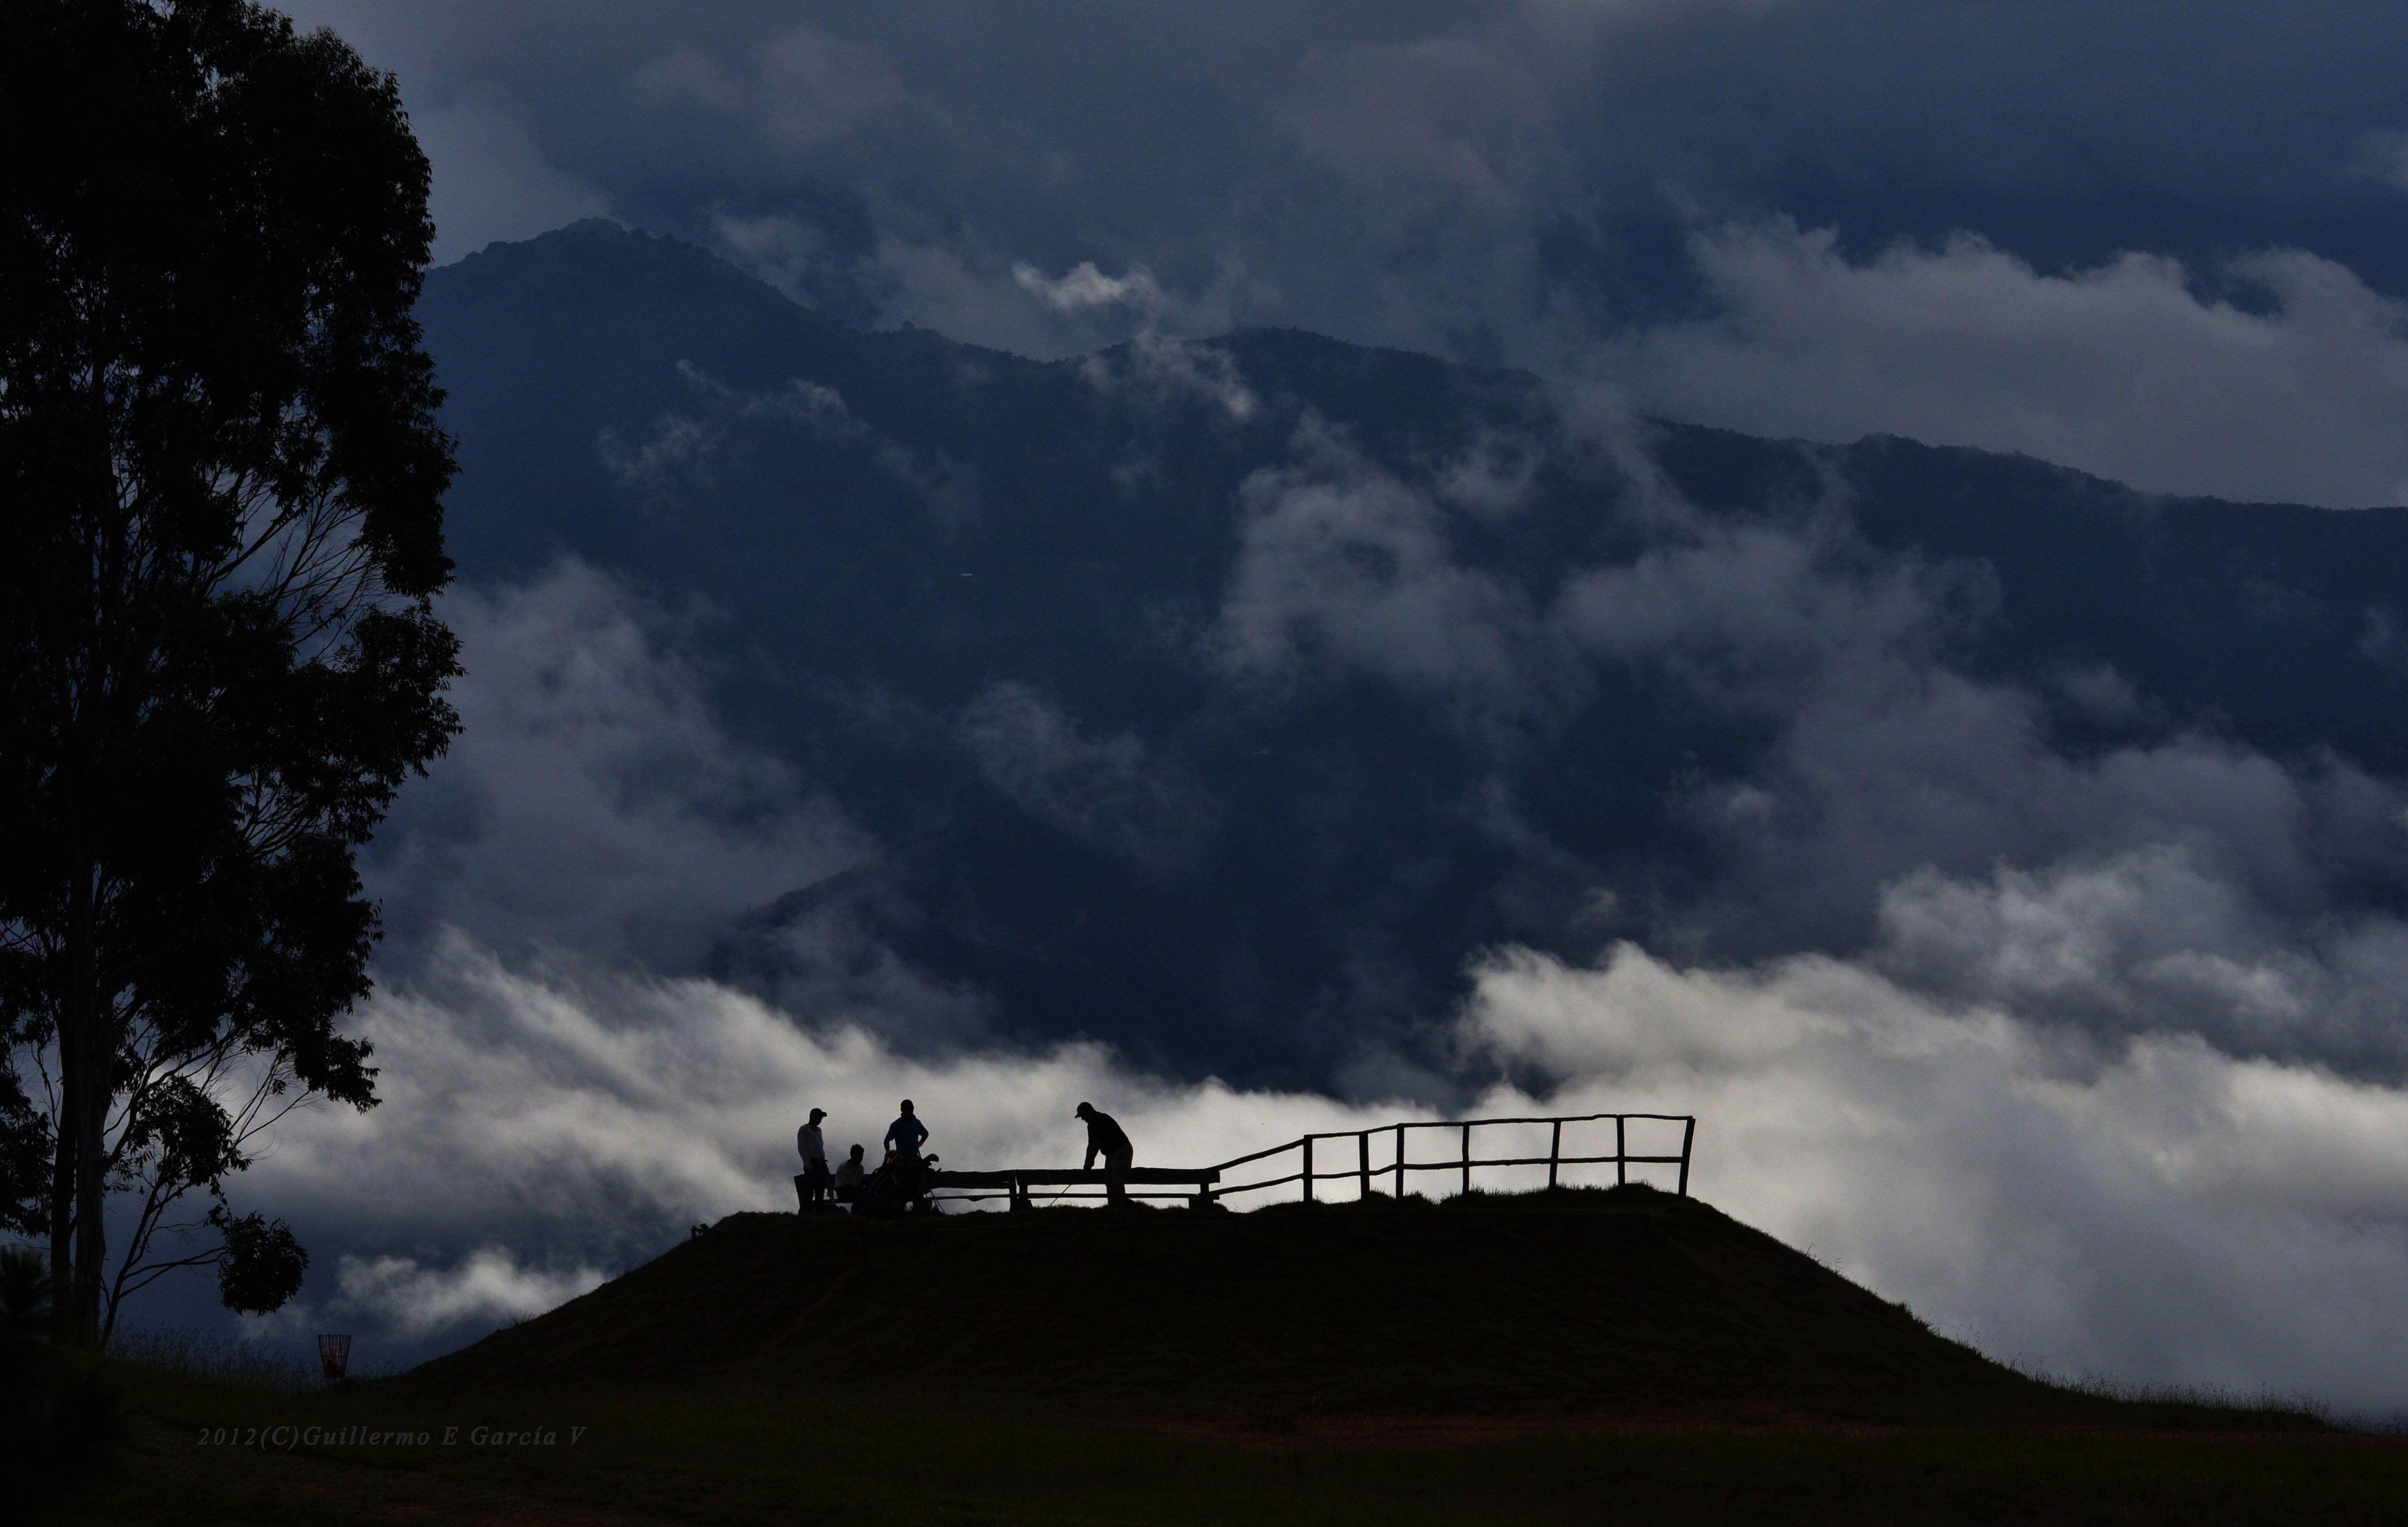 Fotografia tomada en la Mesa de los Santos, Los Santos (S), COLOMBIA